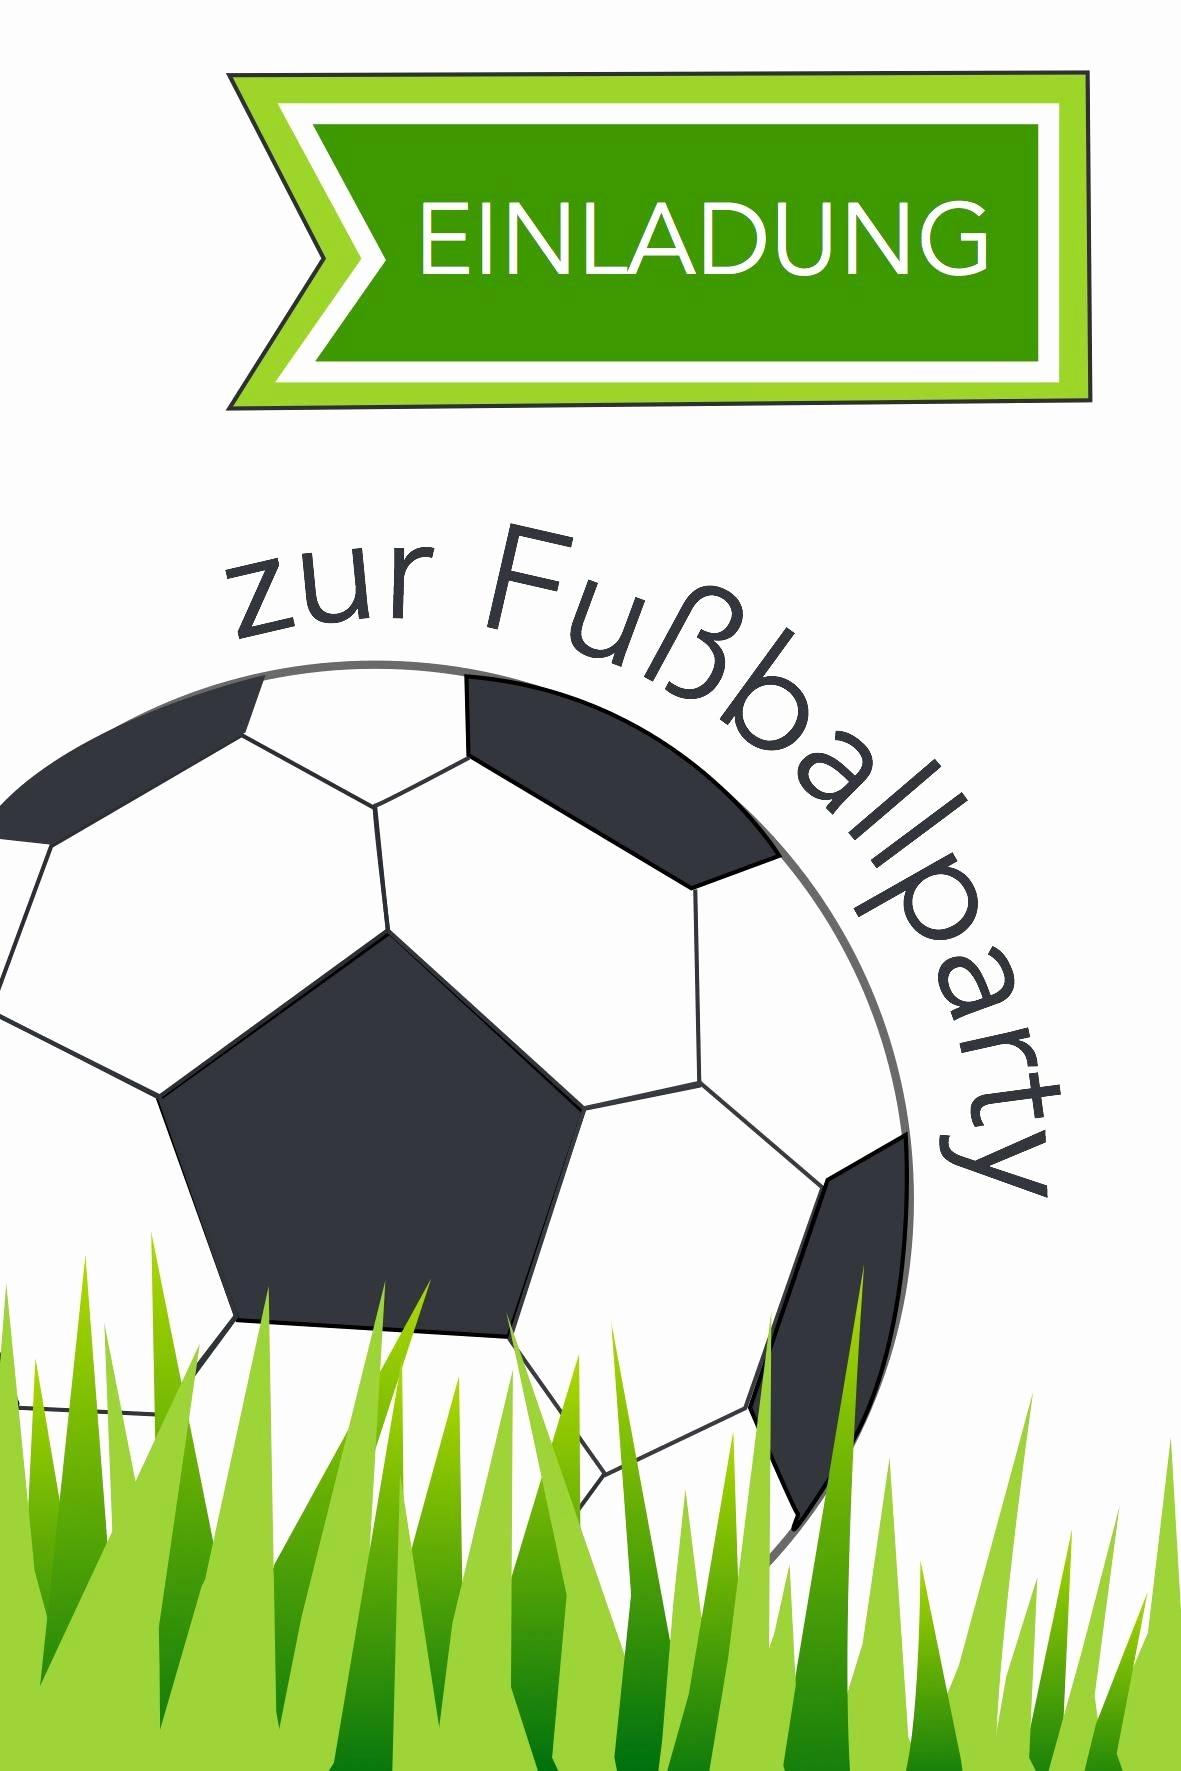 Einladungskarten Kindergeburtstag Kostenlos Ausdrucken Neu innen Fußball Bilder Zum Ausdrucken